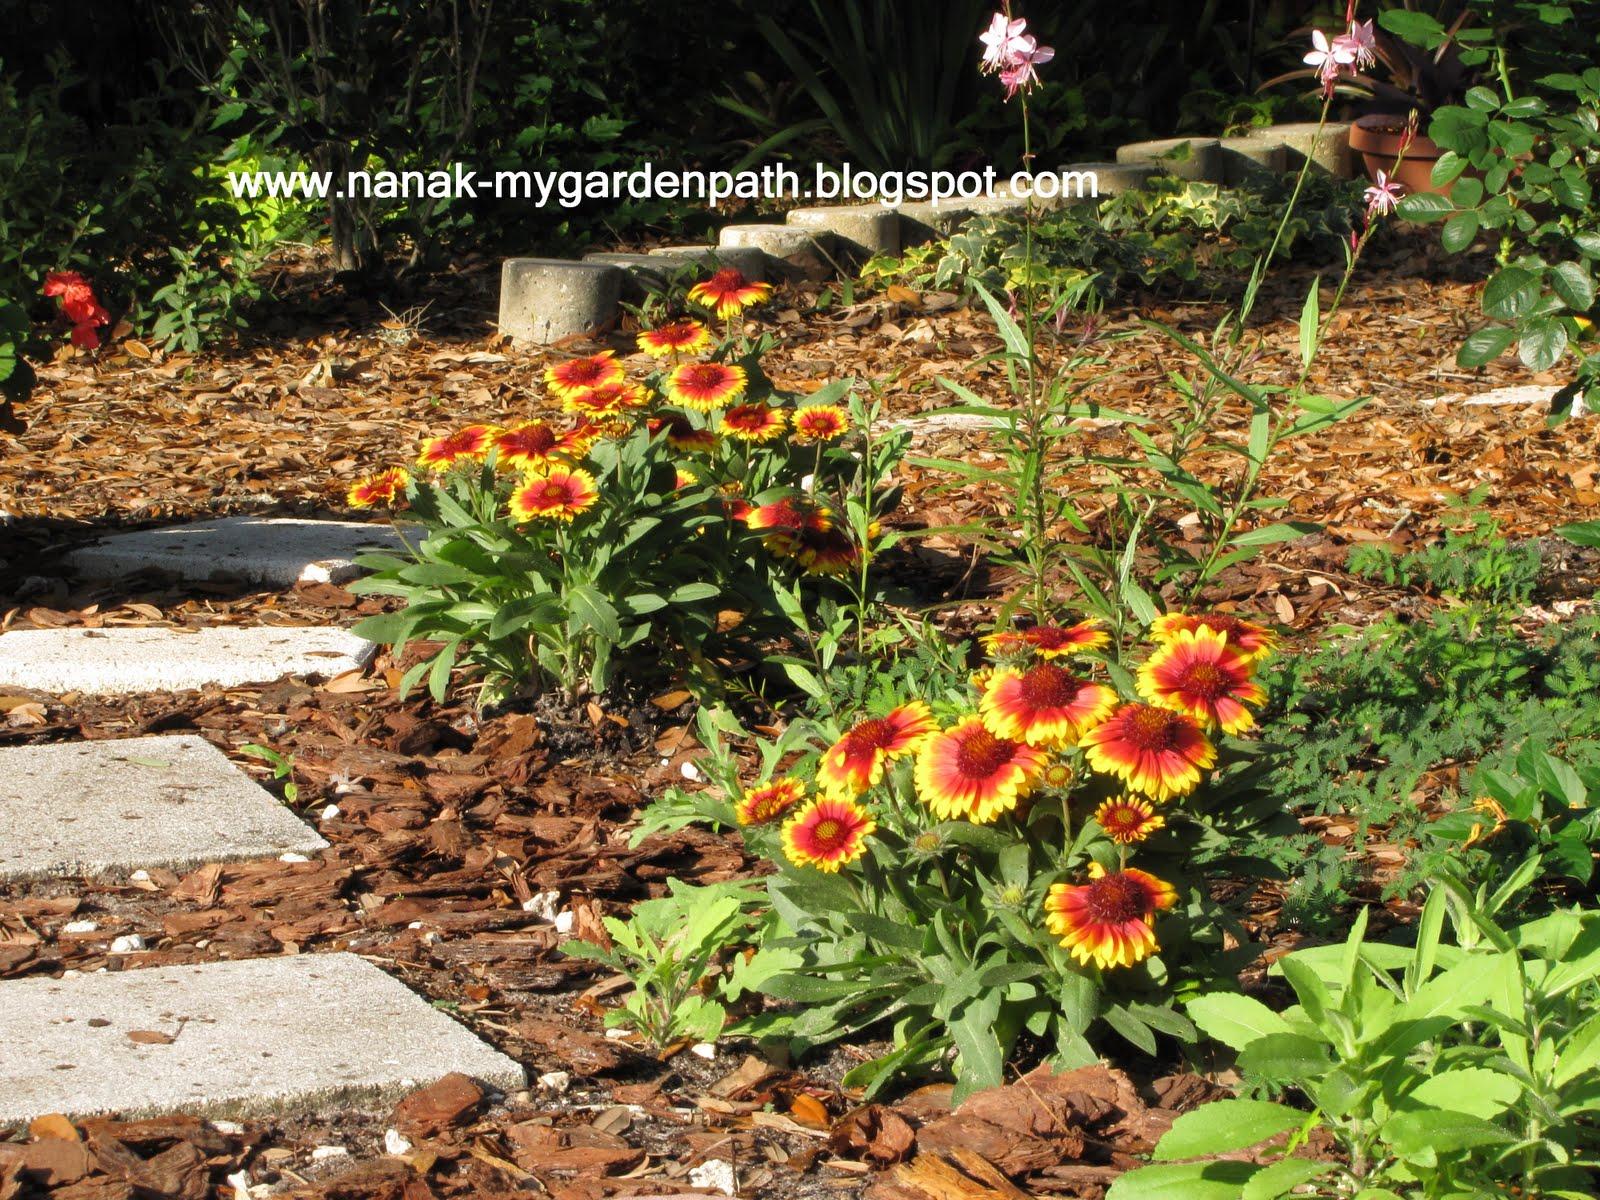 My Garden Path: Blanket Flowers